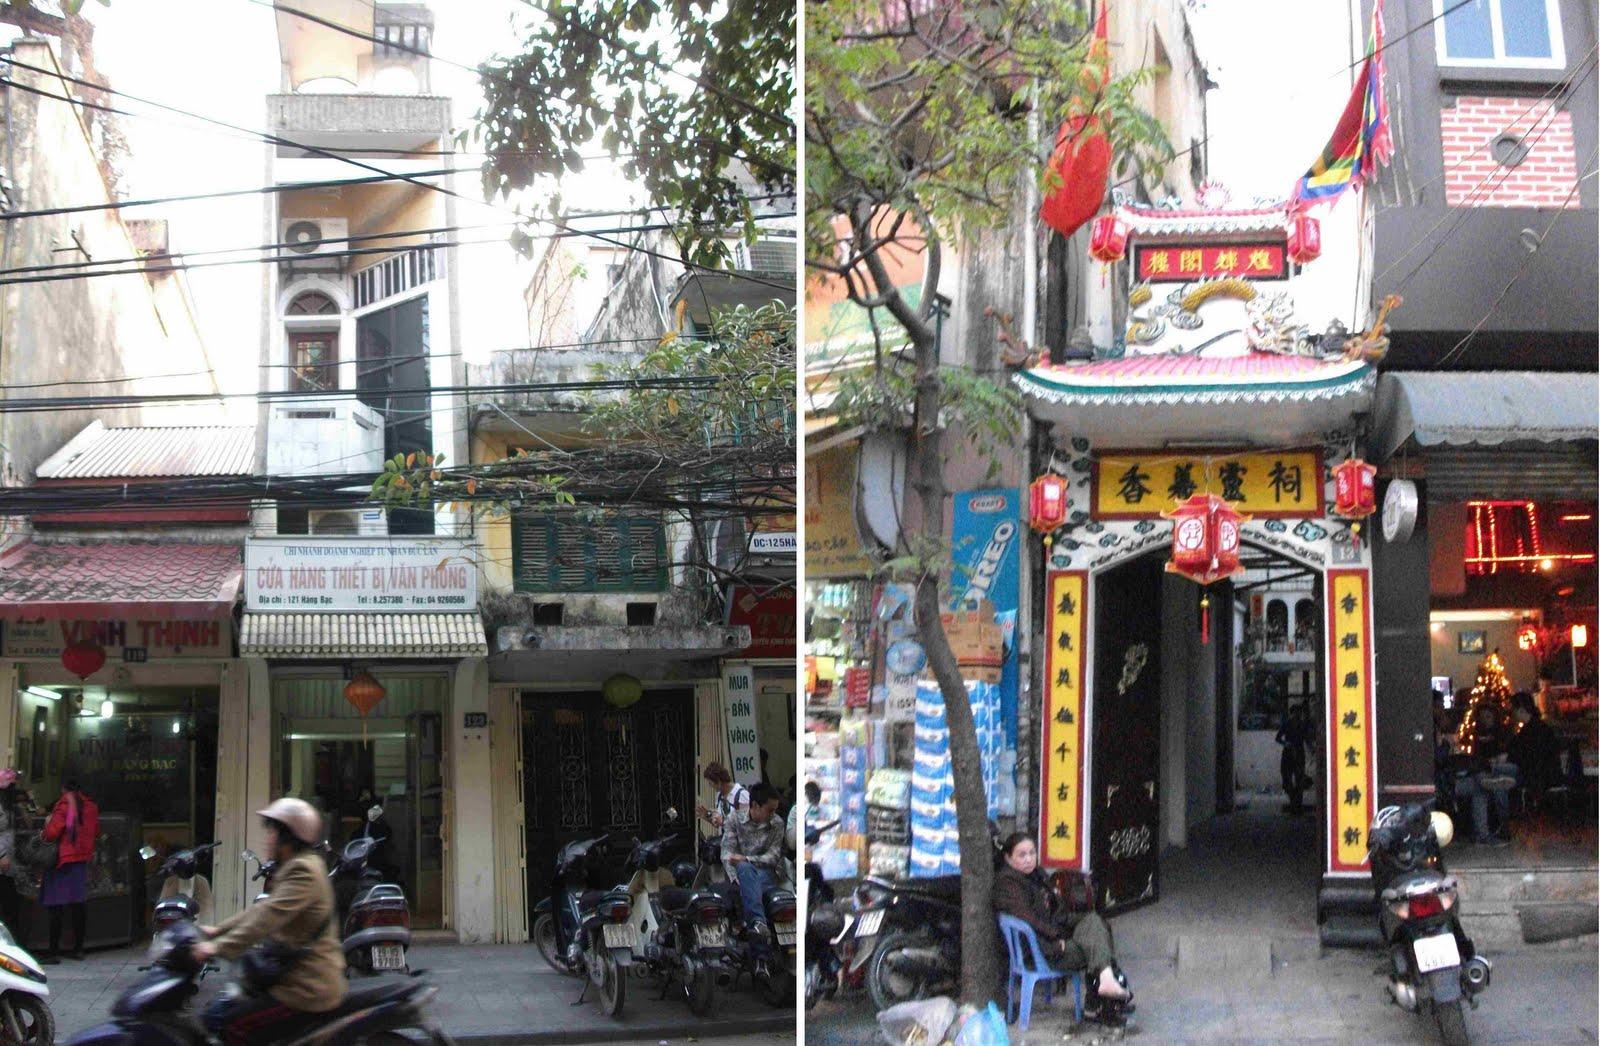 Pianomania Scenes From Hanoi 39 S Old Quarter